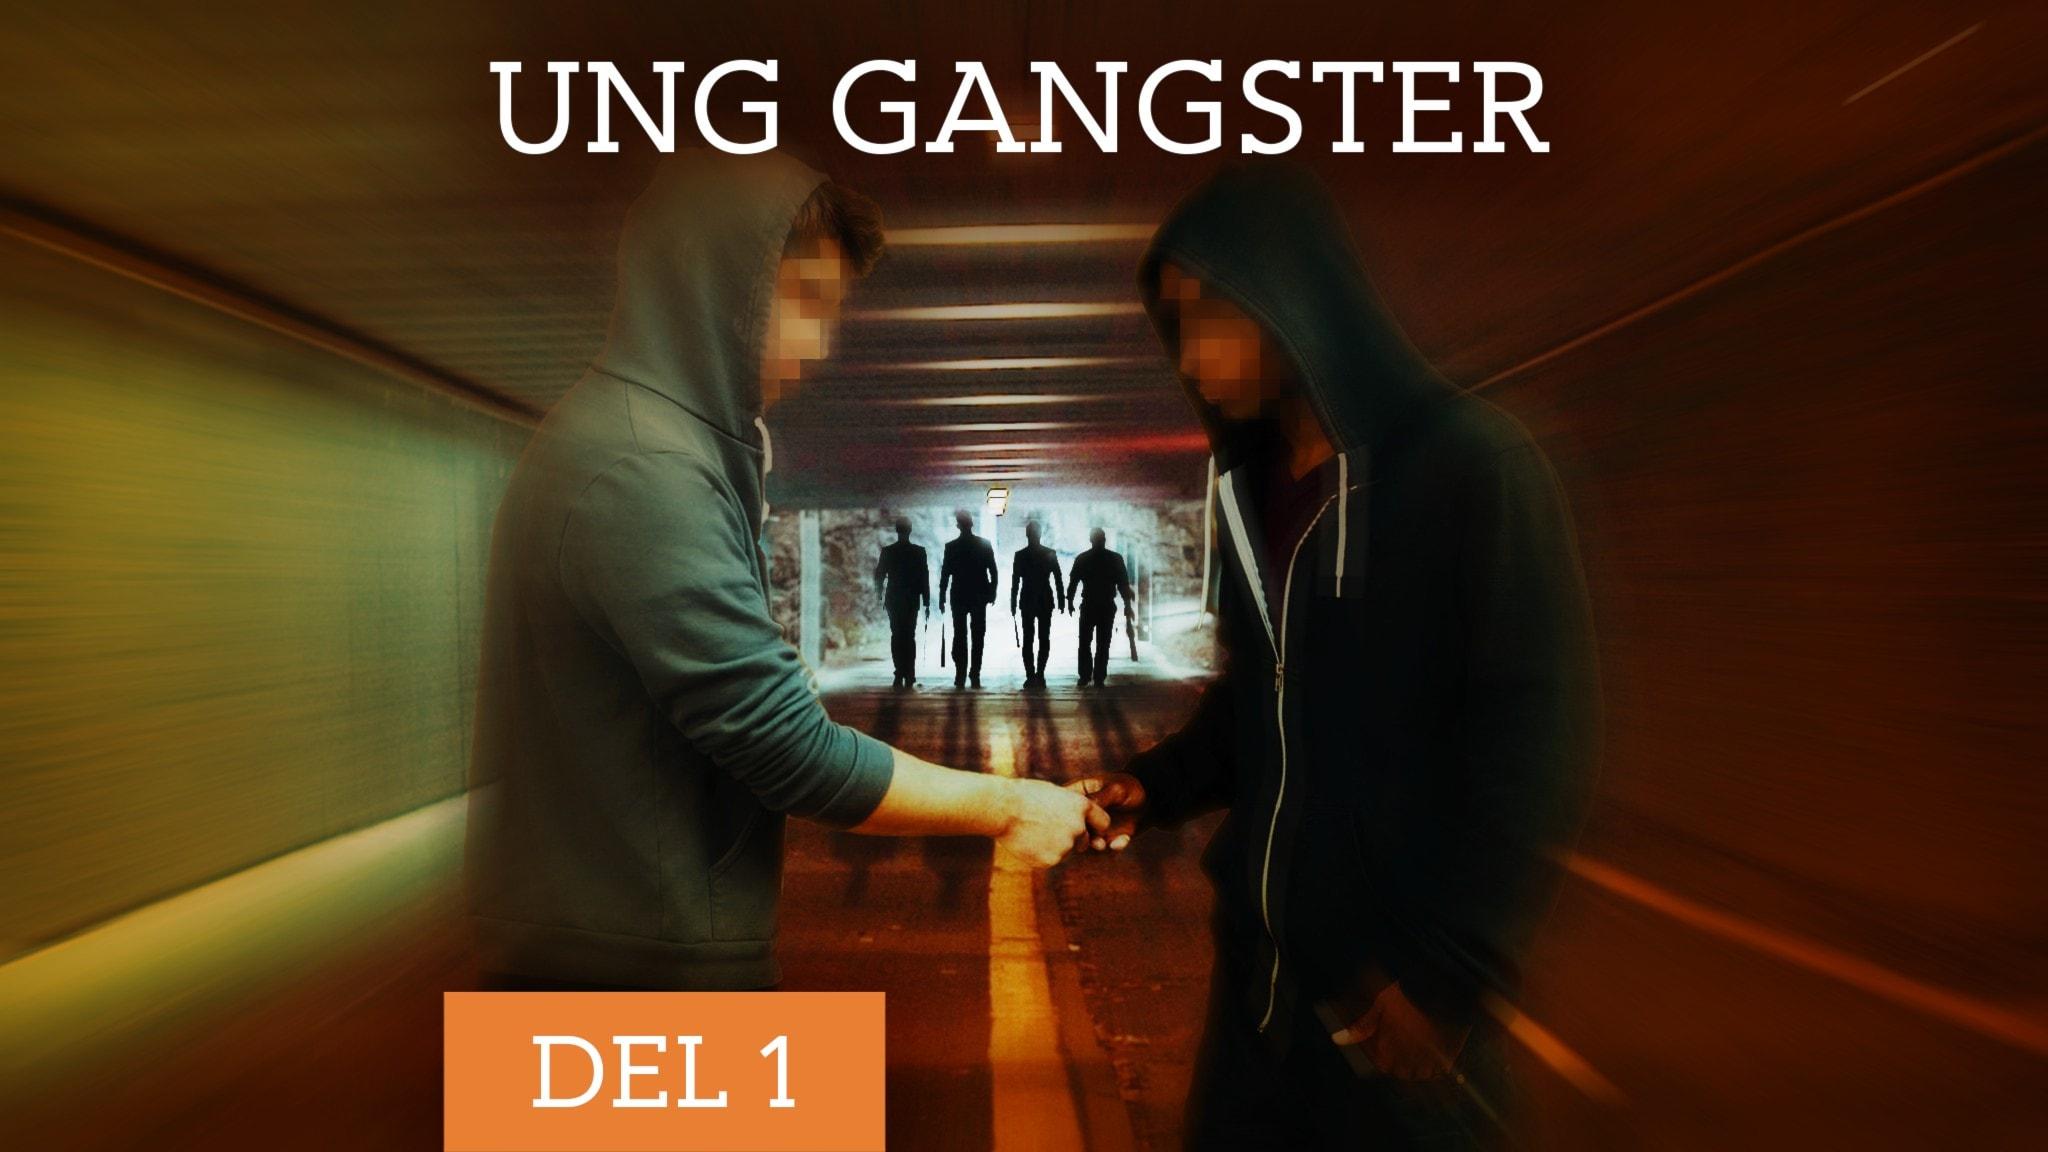 I Ung Gangster hör du om tonåringarna som rekryteras till kriminella gäng.